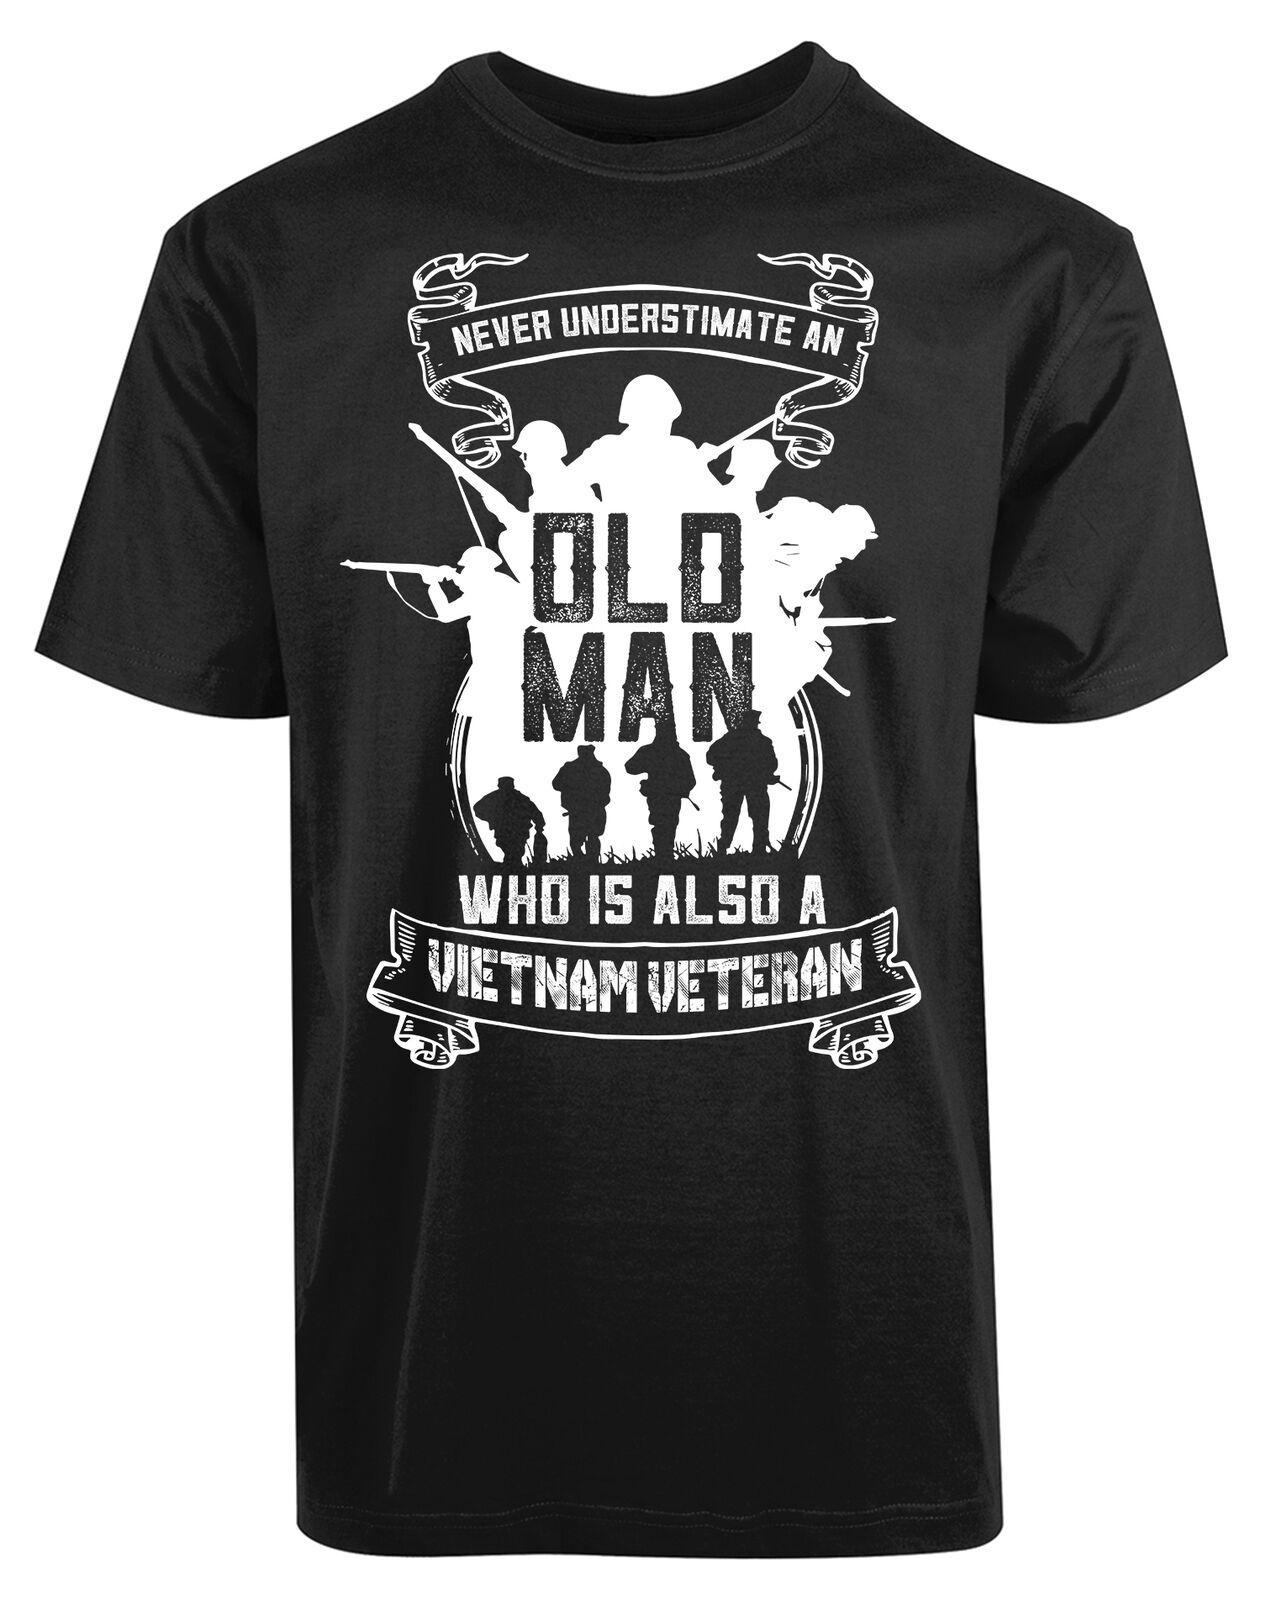 Ayrıca Tall A Vietnam Veteran Yeni Erkekler'S Gömlek Homme ve Büyük Erkekler Saldırgan T Gömlek mi Asla hafife An Old Man